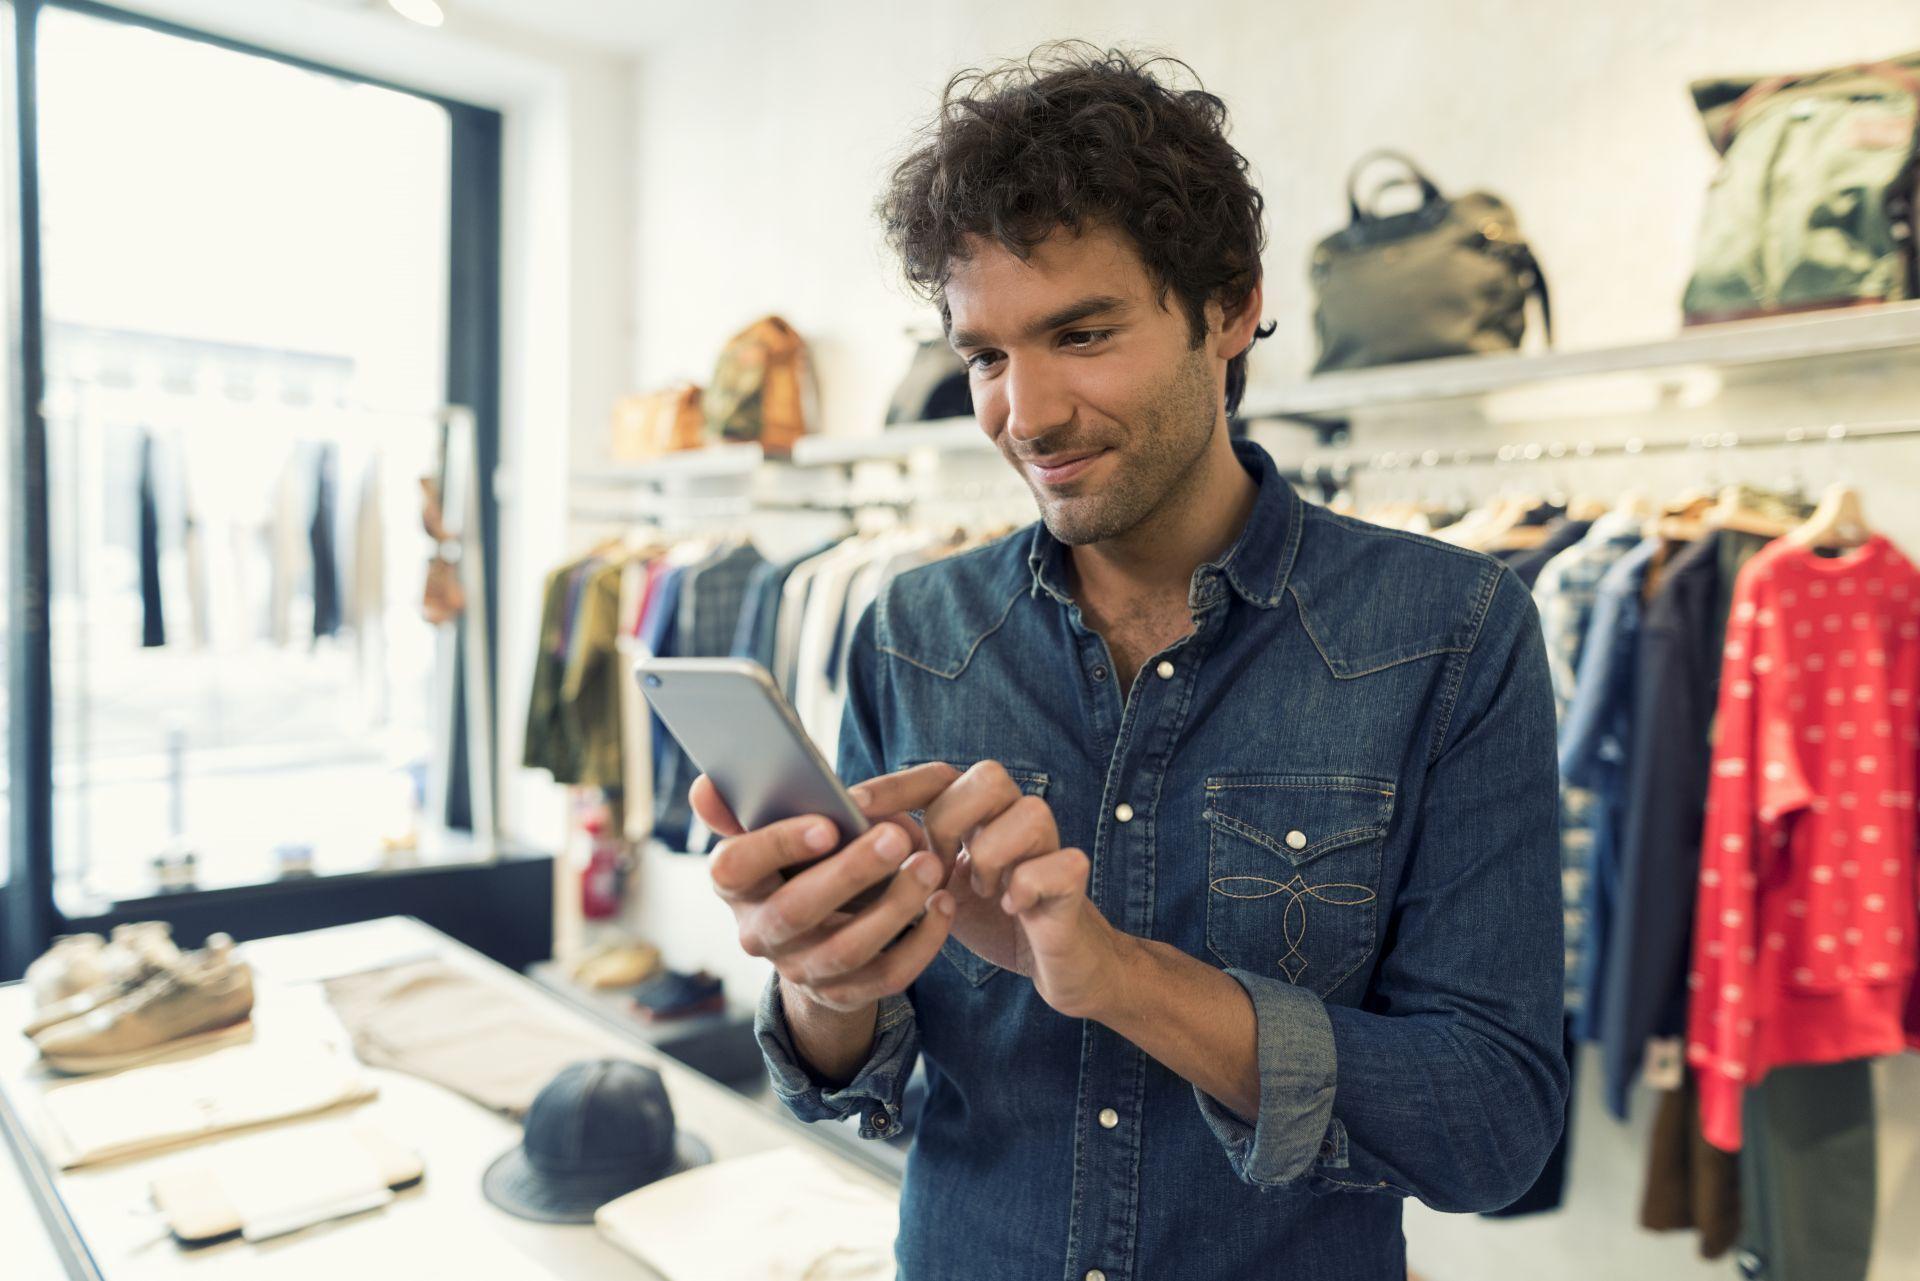 Cagnotte Dégressive : Saisie au Smartphone-Client. Calcul de la Remise en Caisse.